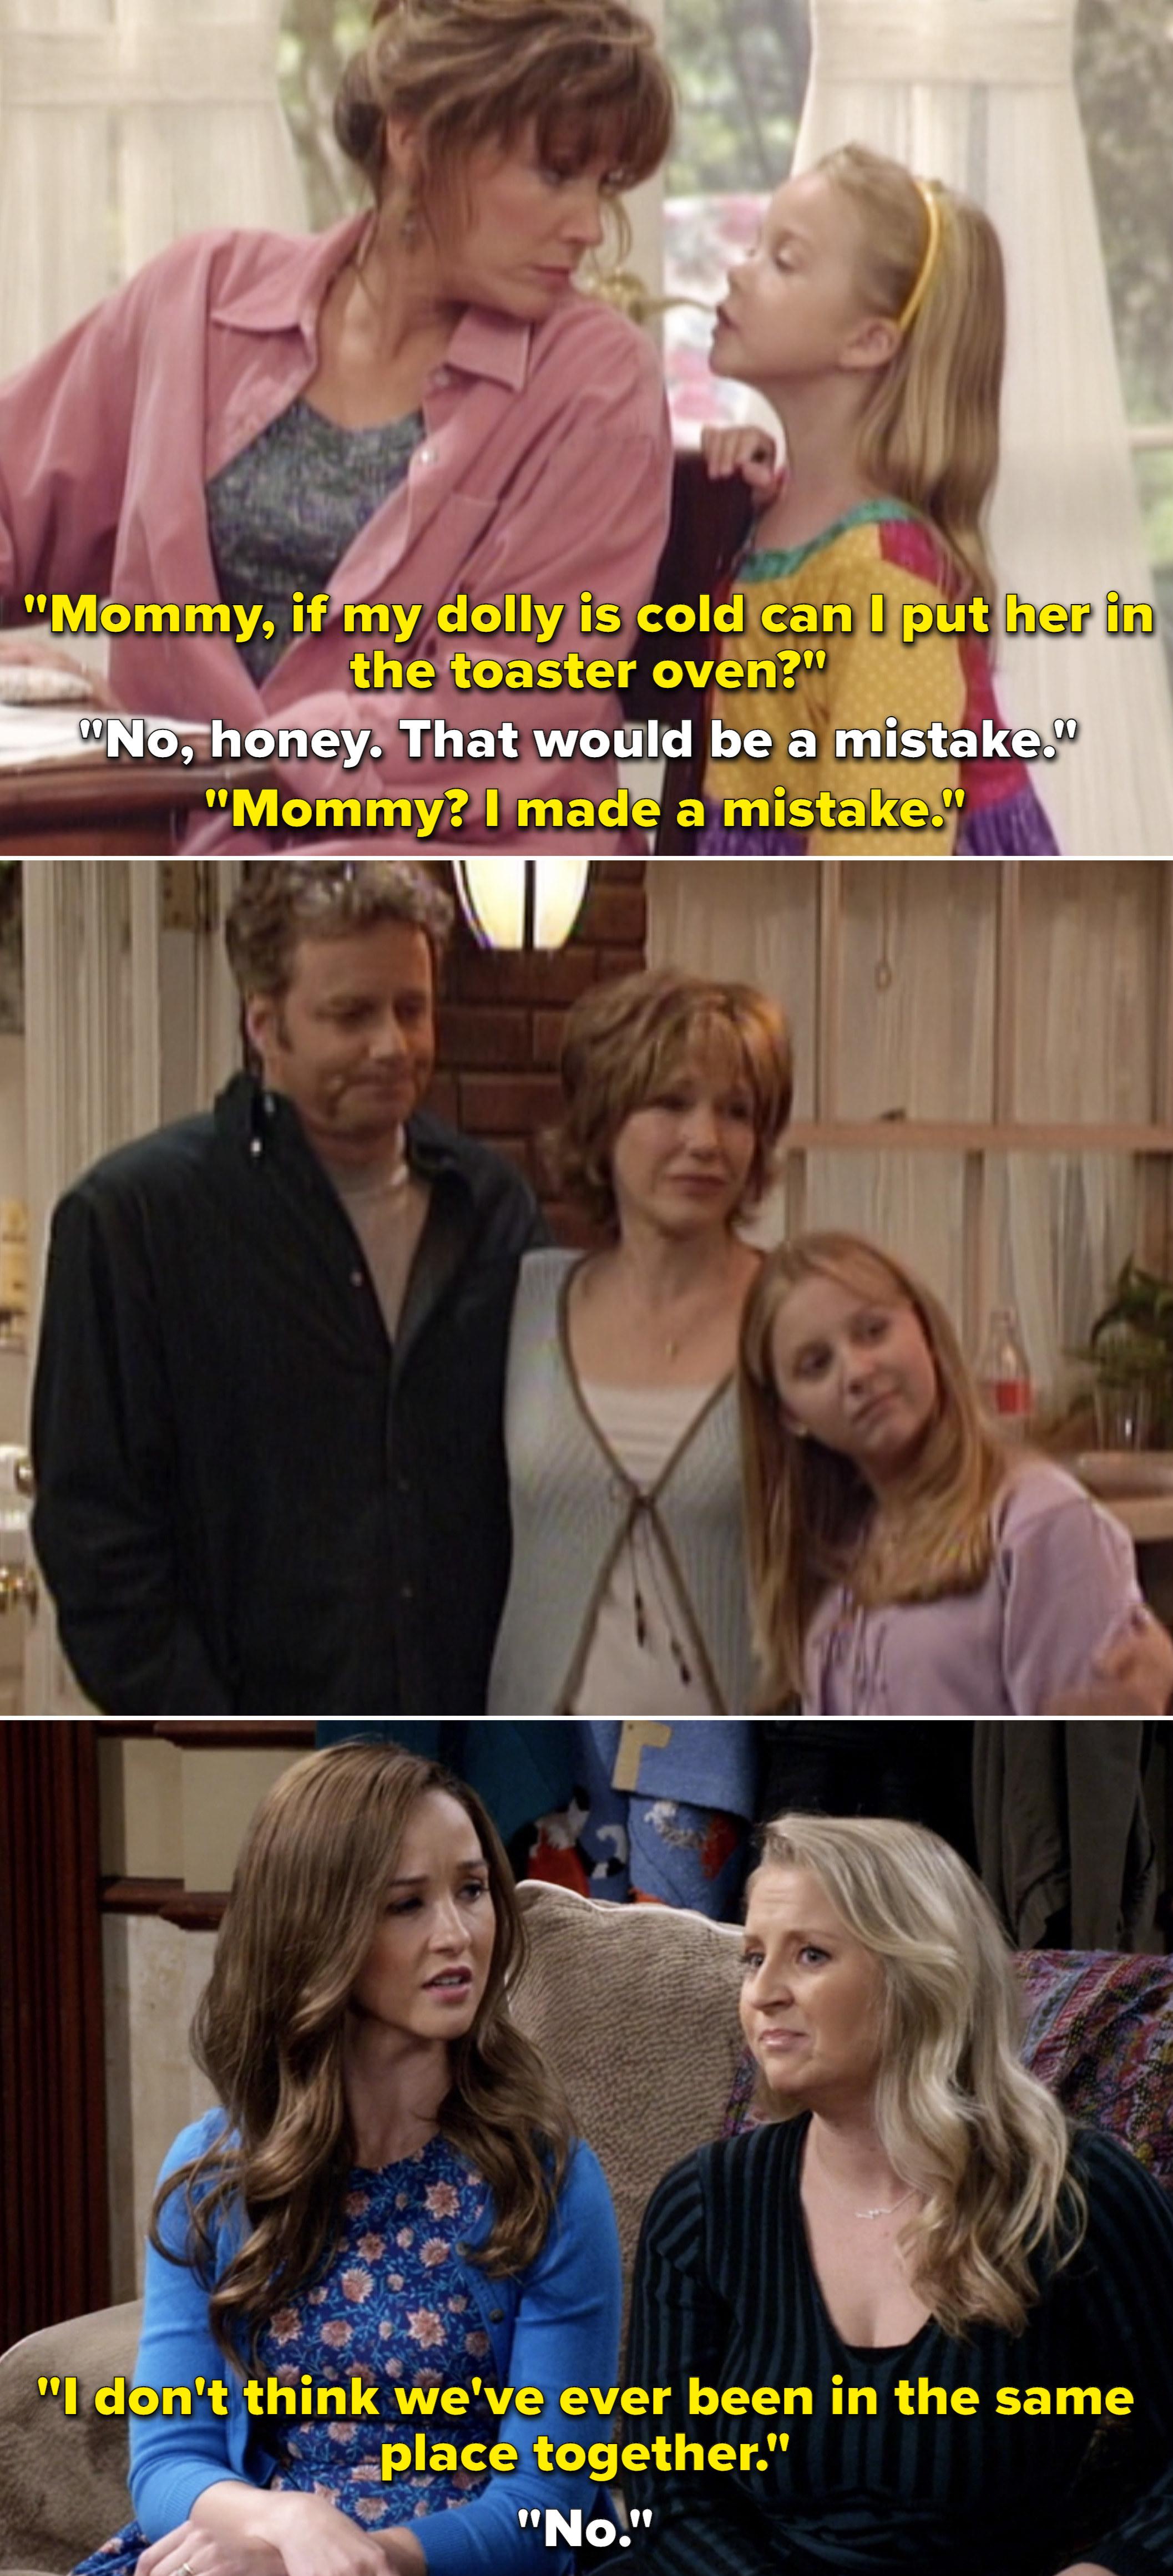 """摩根告诉她妈妈她把洋娃娃放进了烤箱,然后一个年长的摩根对另一个摩根说;我不知道';别以为我们';""""我曾经一起在同一个地方"""";"""